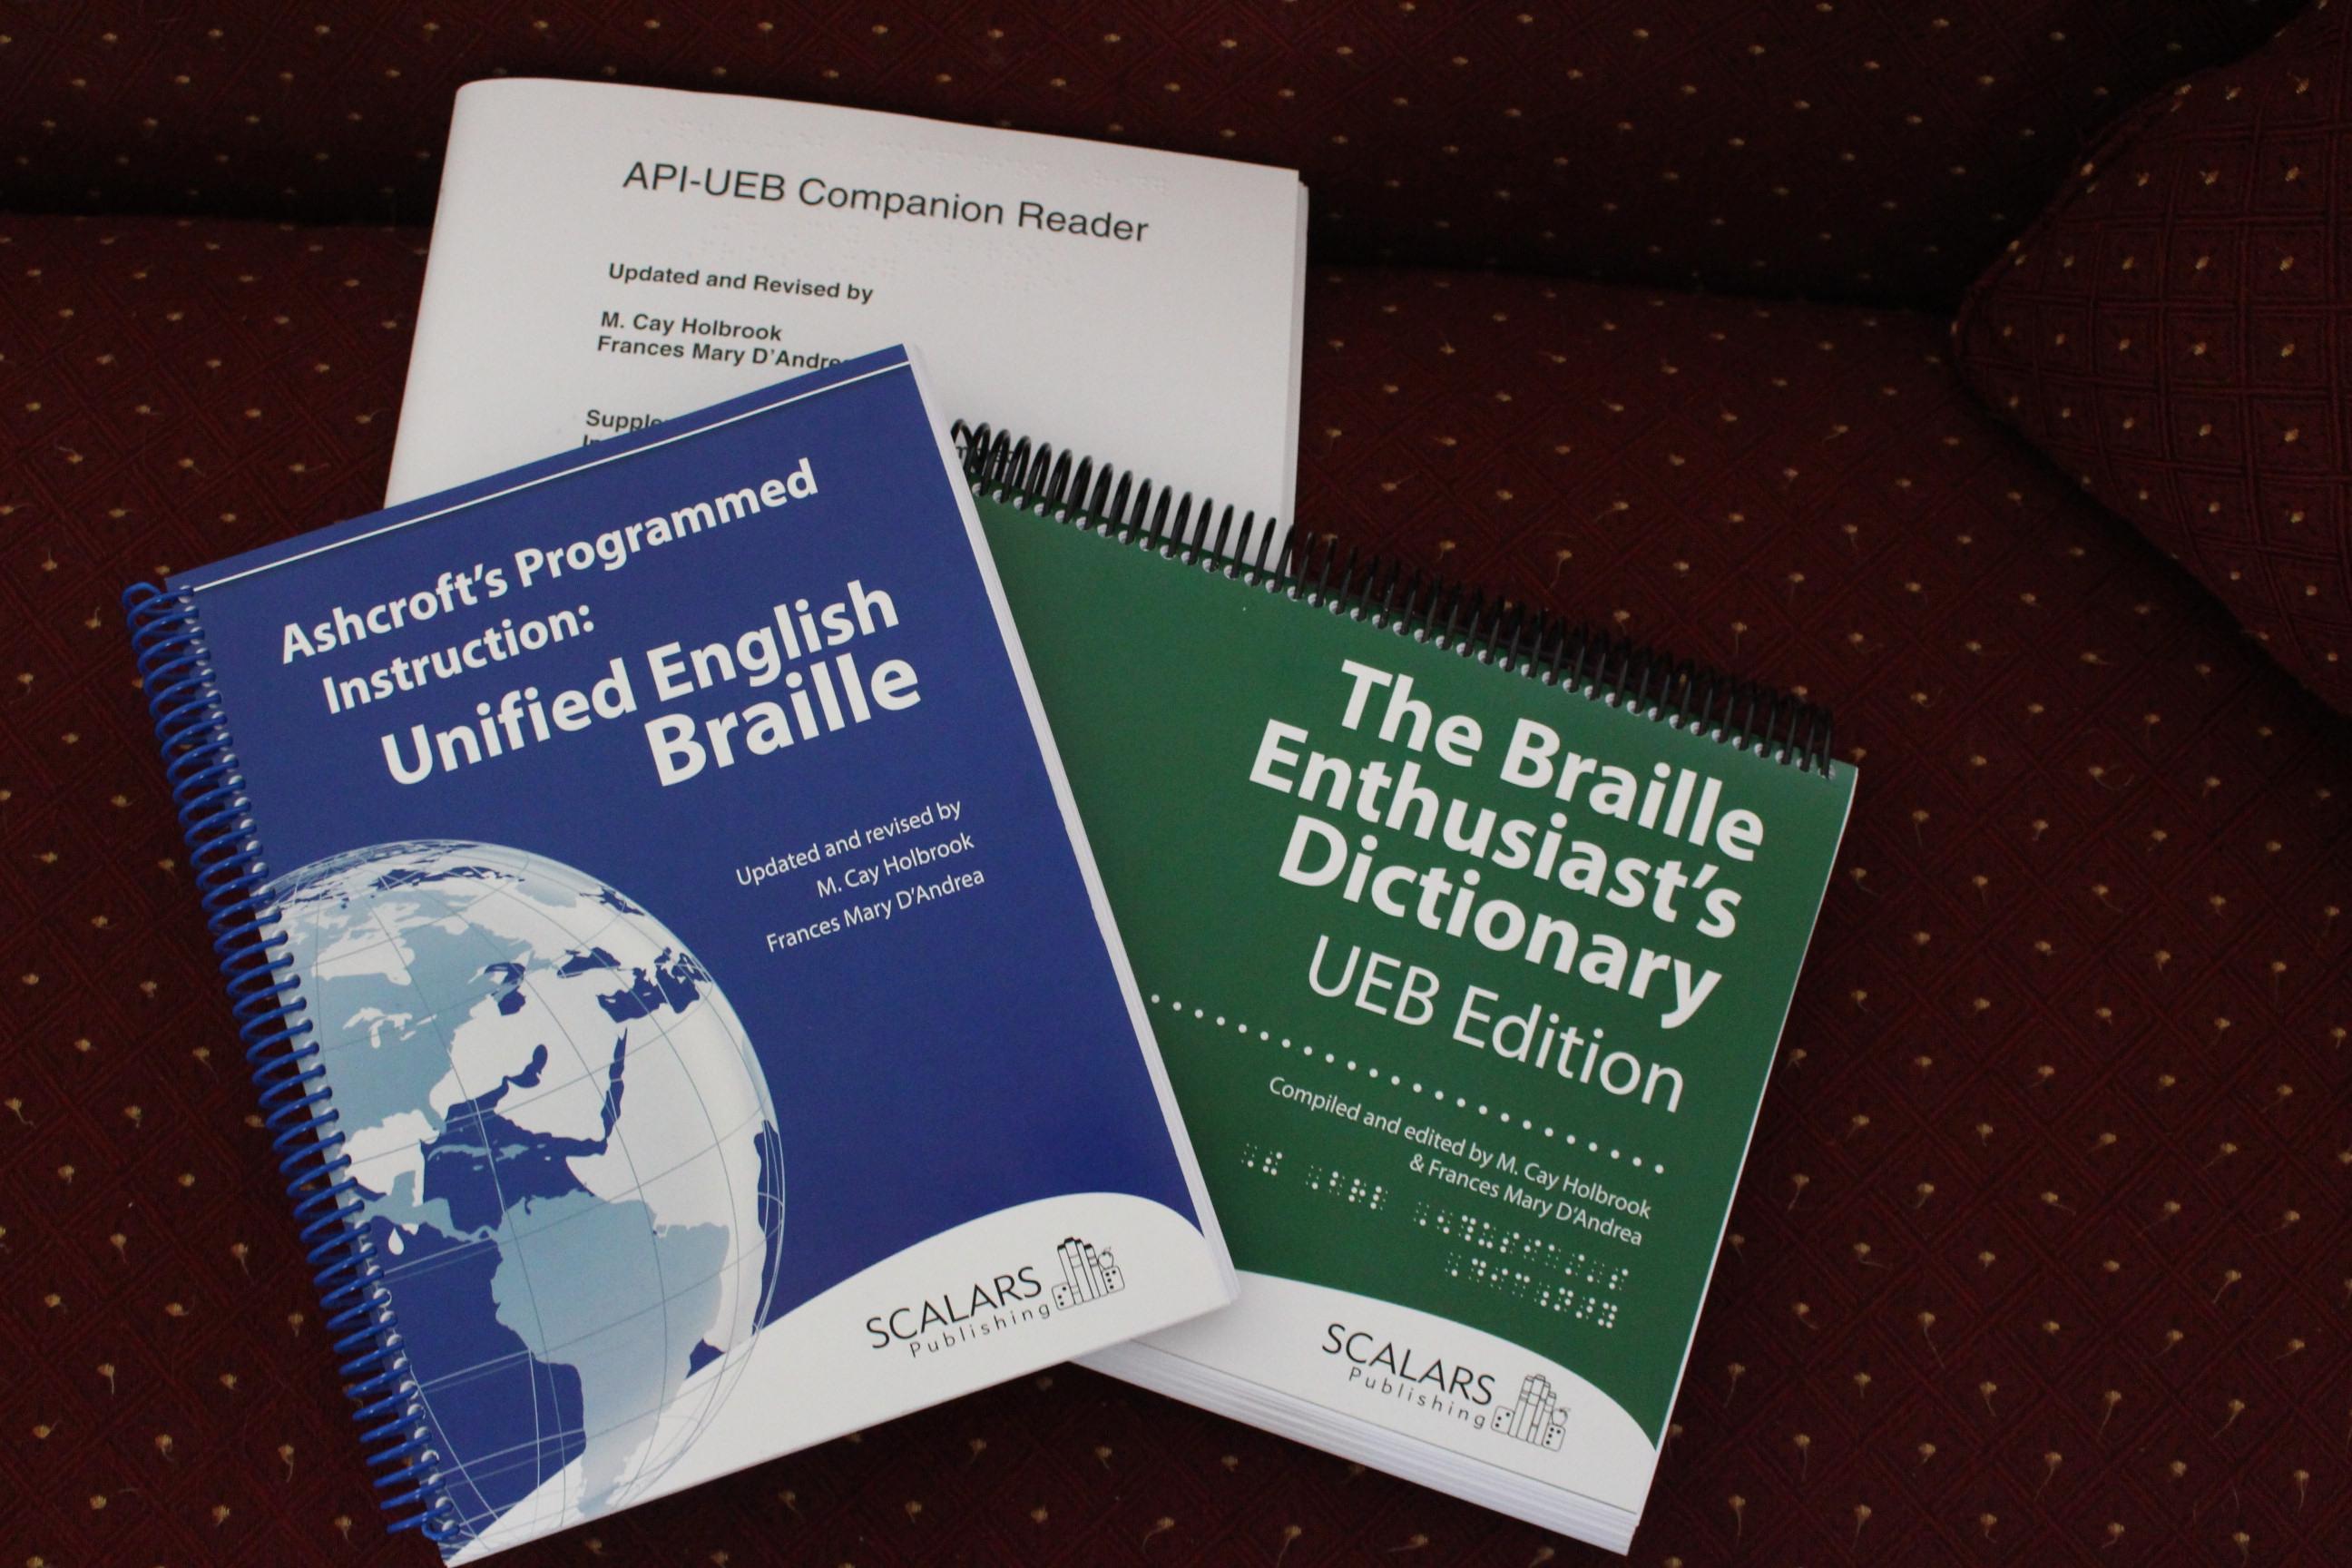 Scalars Publishing Welcome